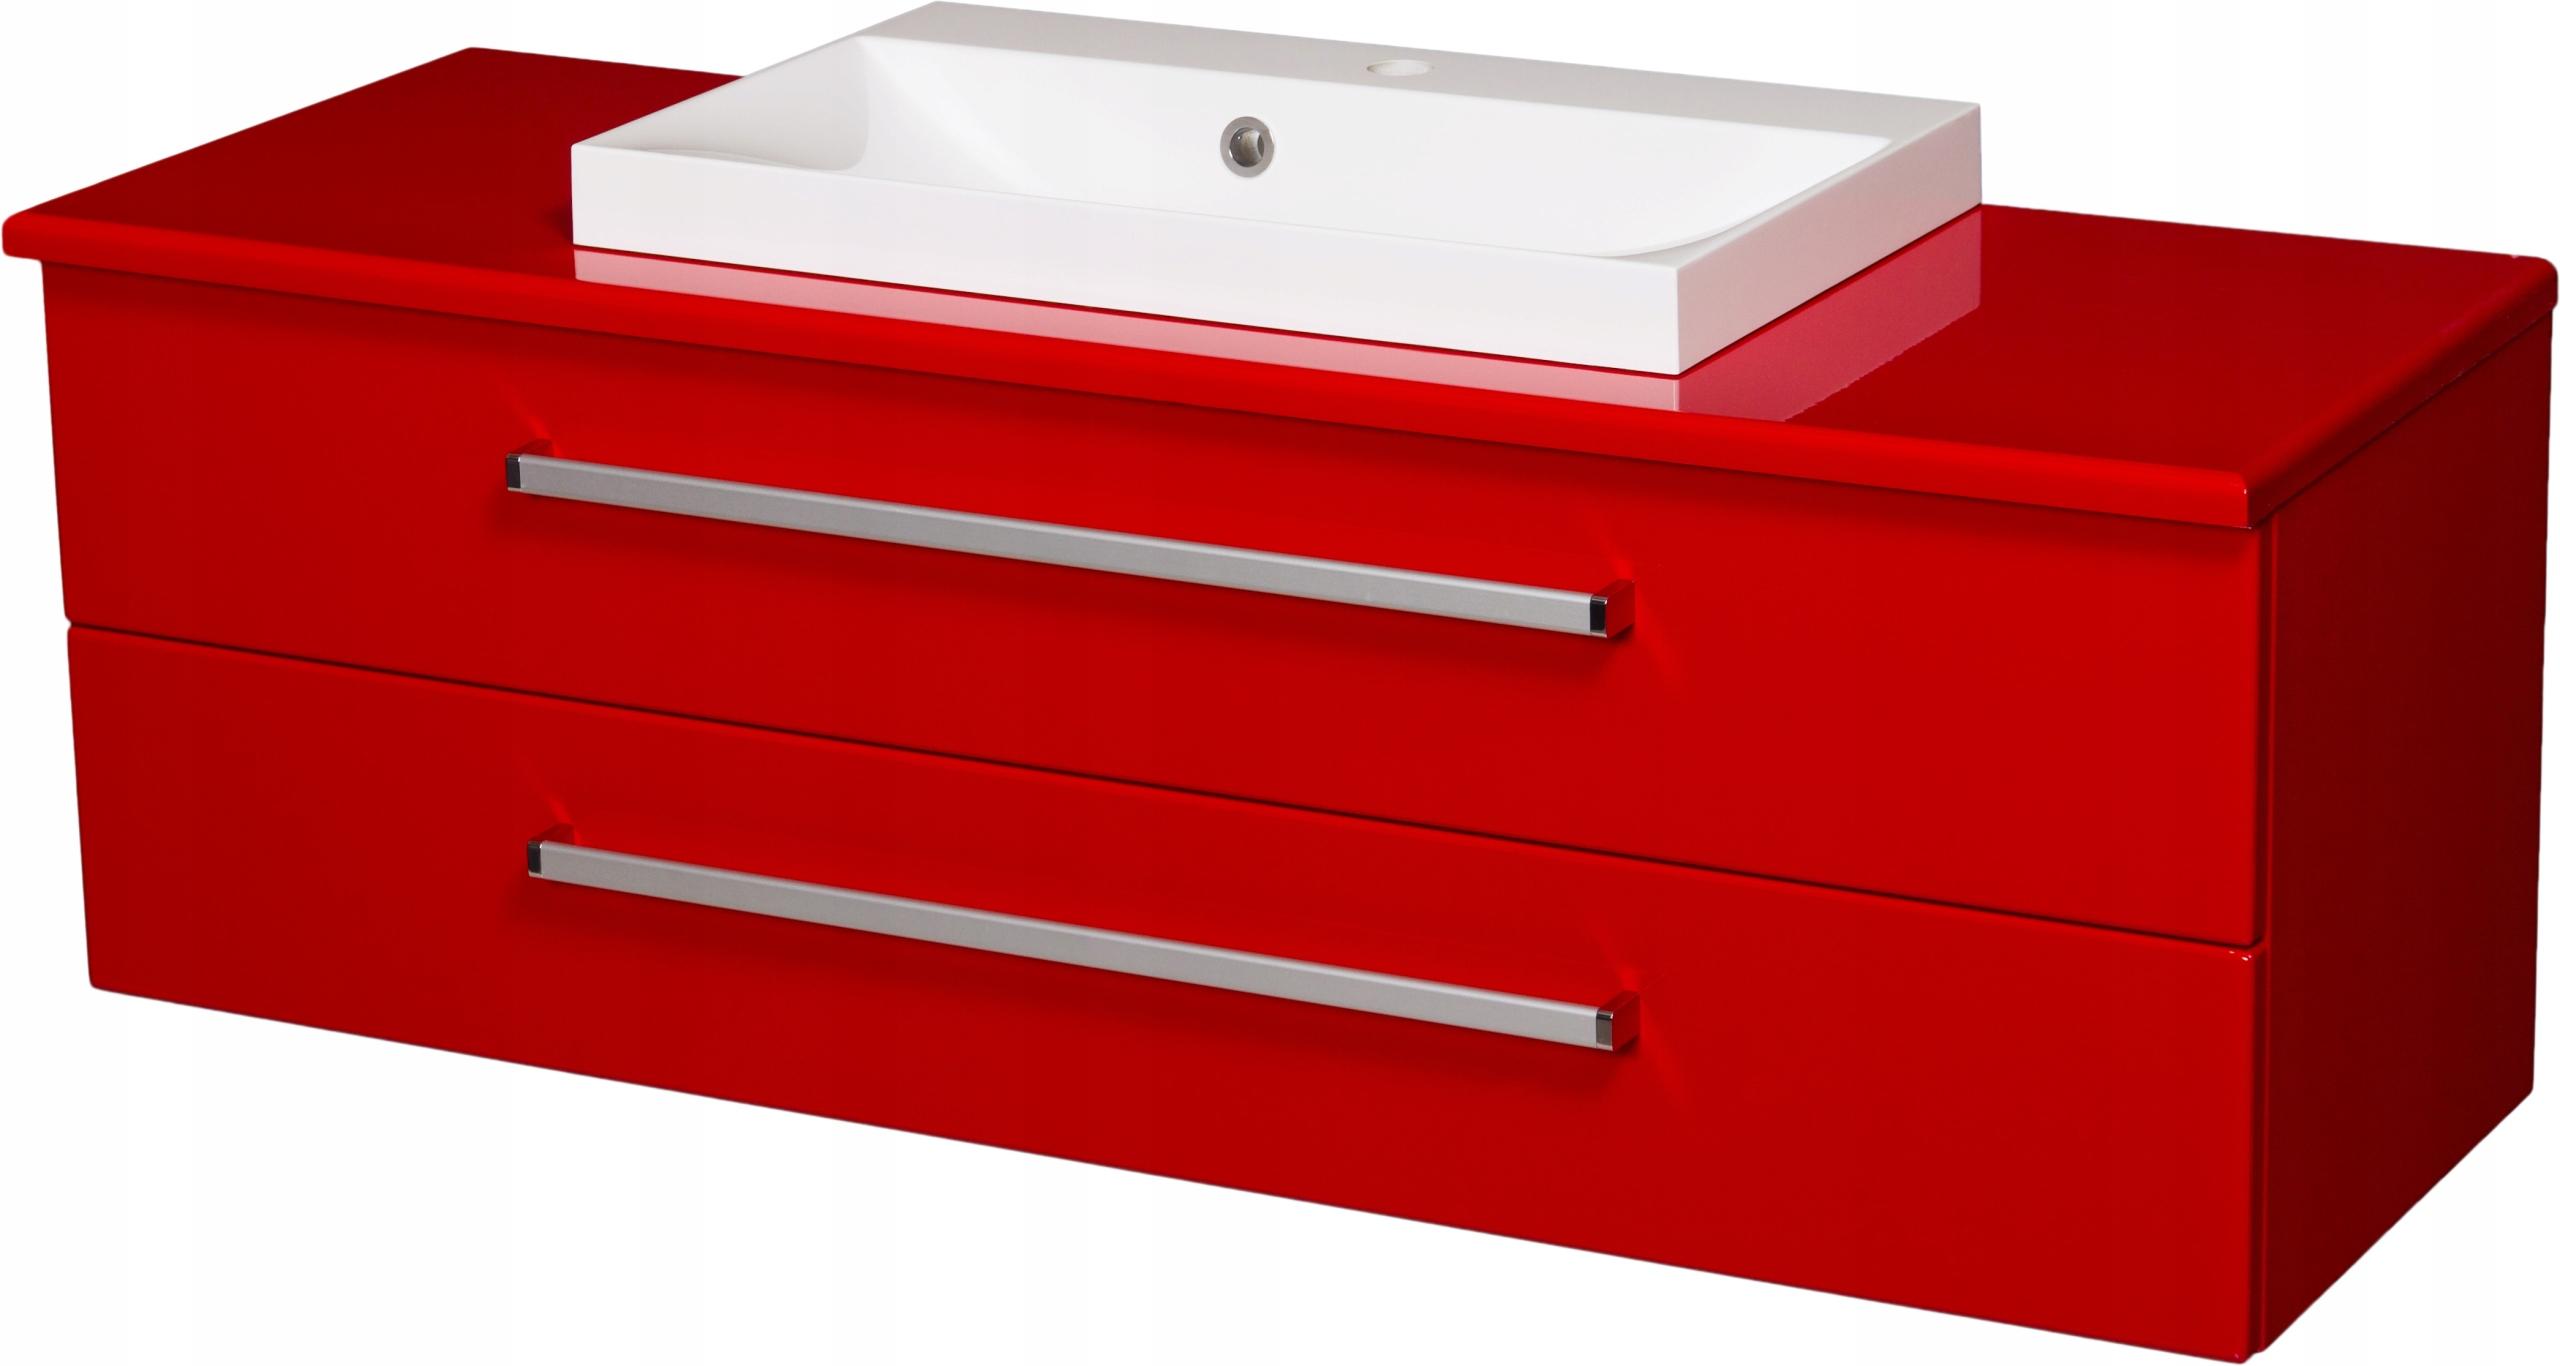 FOKUS meble łazienk czerwona szafka + umywalk 120 - 2088 zł - Allegro.pl - Raty 0%, Darmowa dostawa ze Smart! - Miechów - Stan: nowy - ID oferty: 8125429140